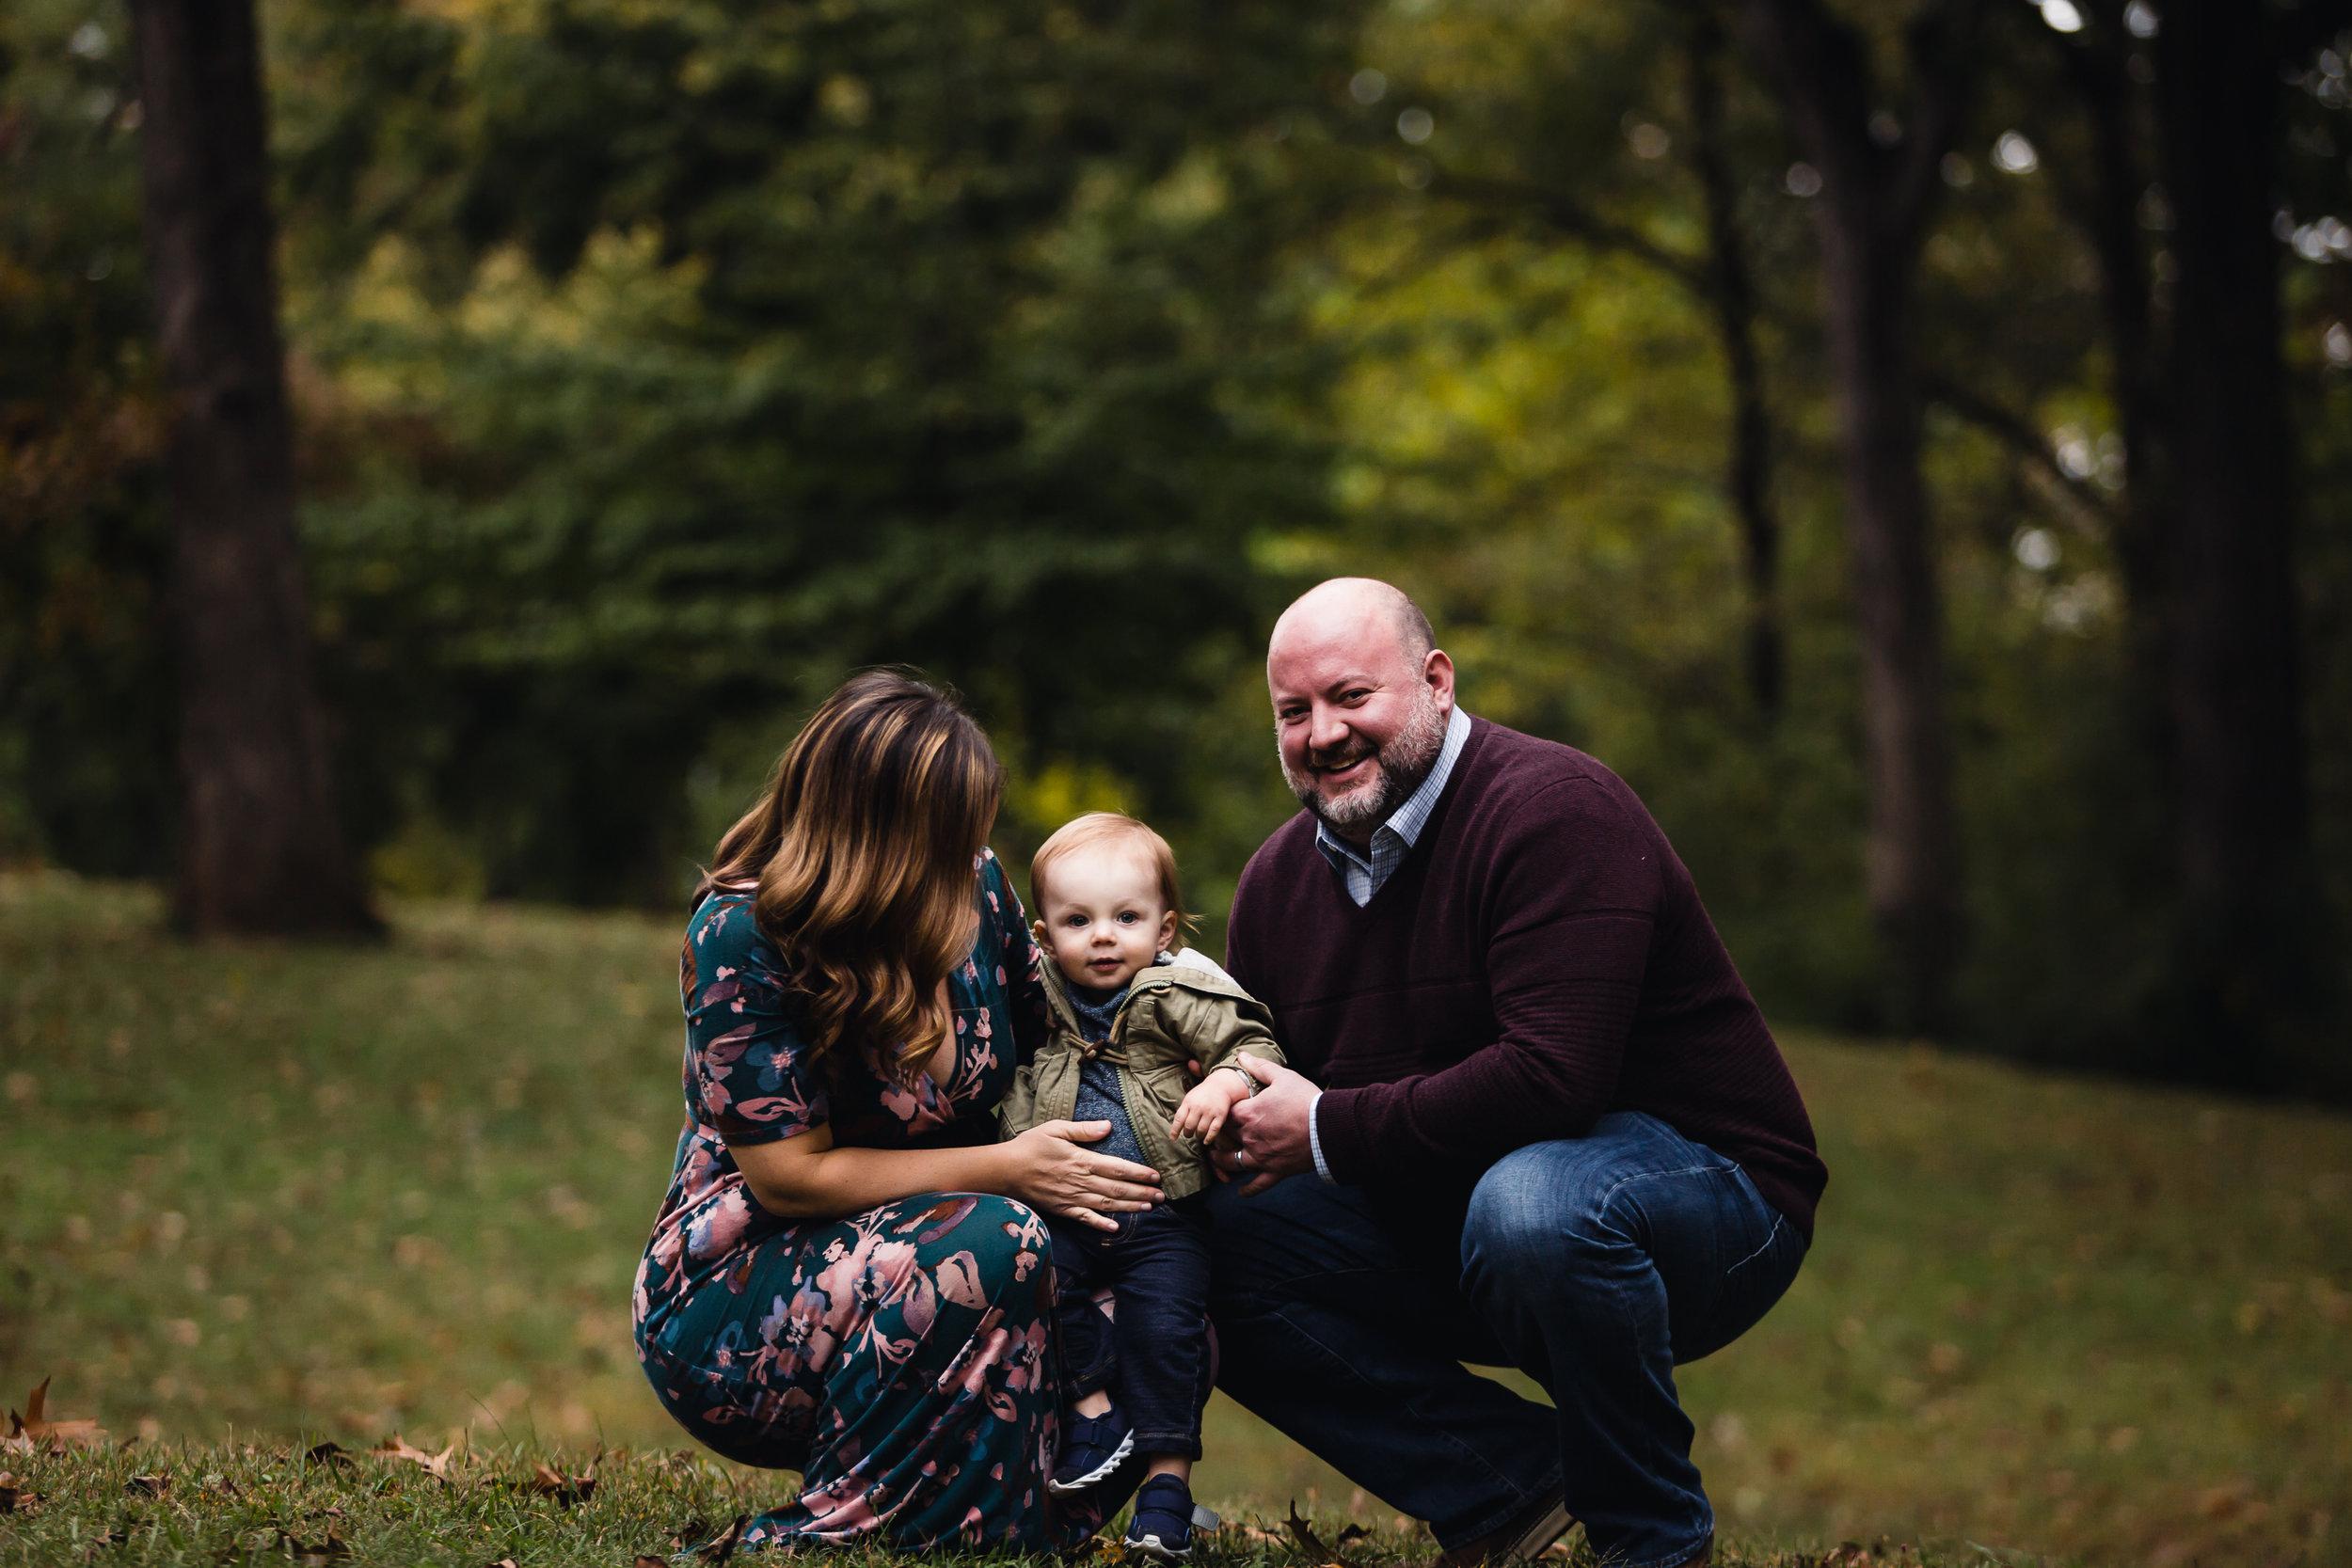 Gianna Keiko Atlanta Lifestyle Family Photographer-27.jpg